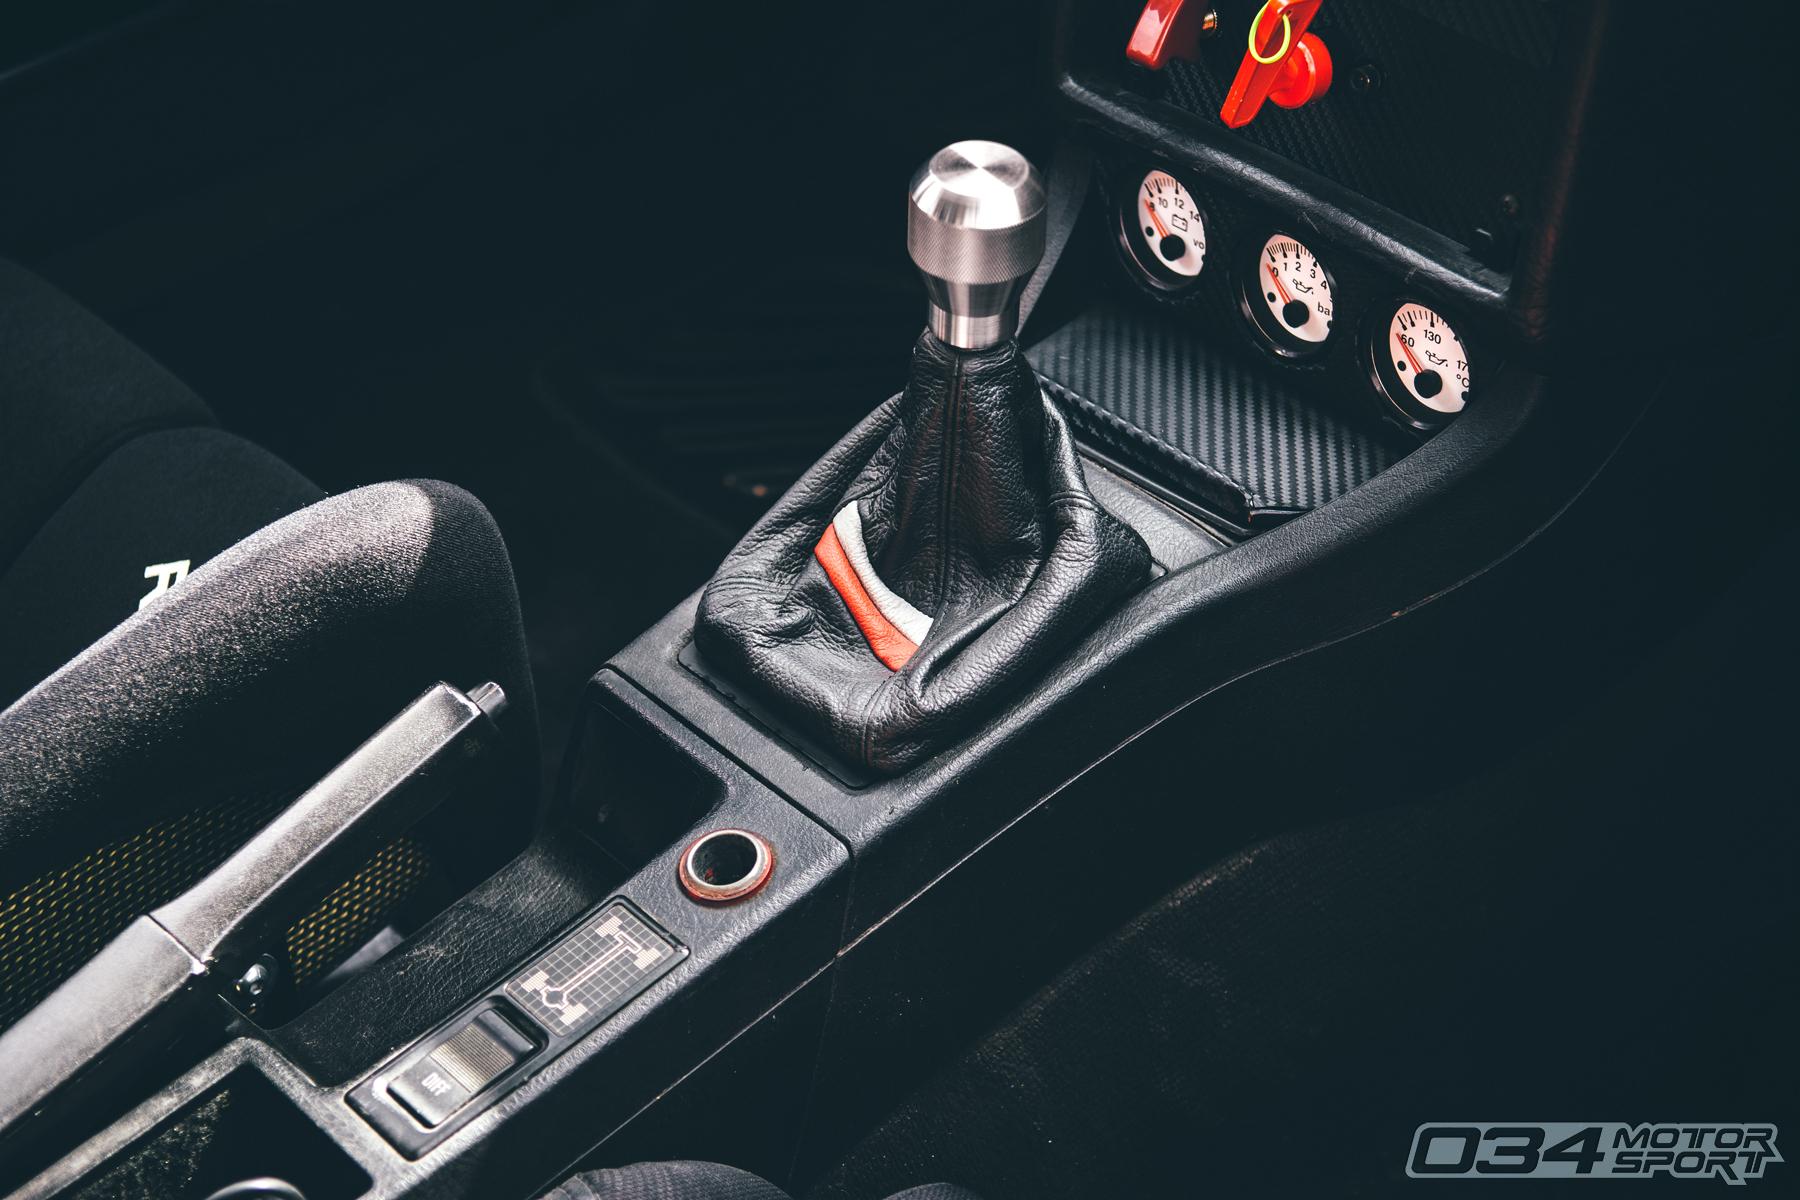 1991 Audi 90 Quattro 20V Racecar Interior